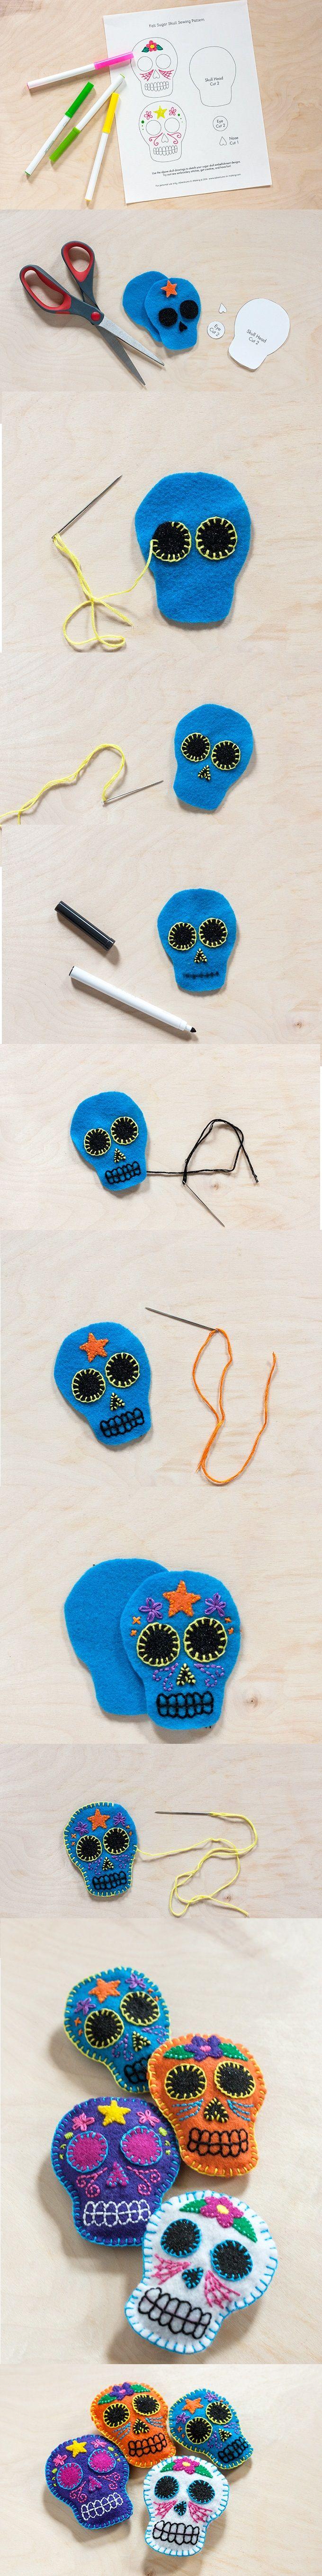 DIY: Felt Sugar Skull Sachets